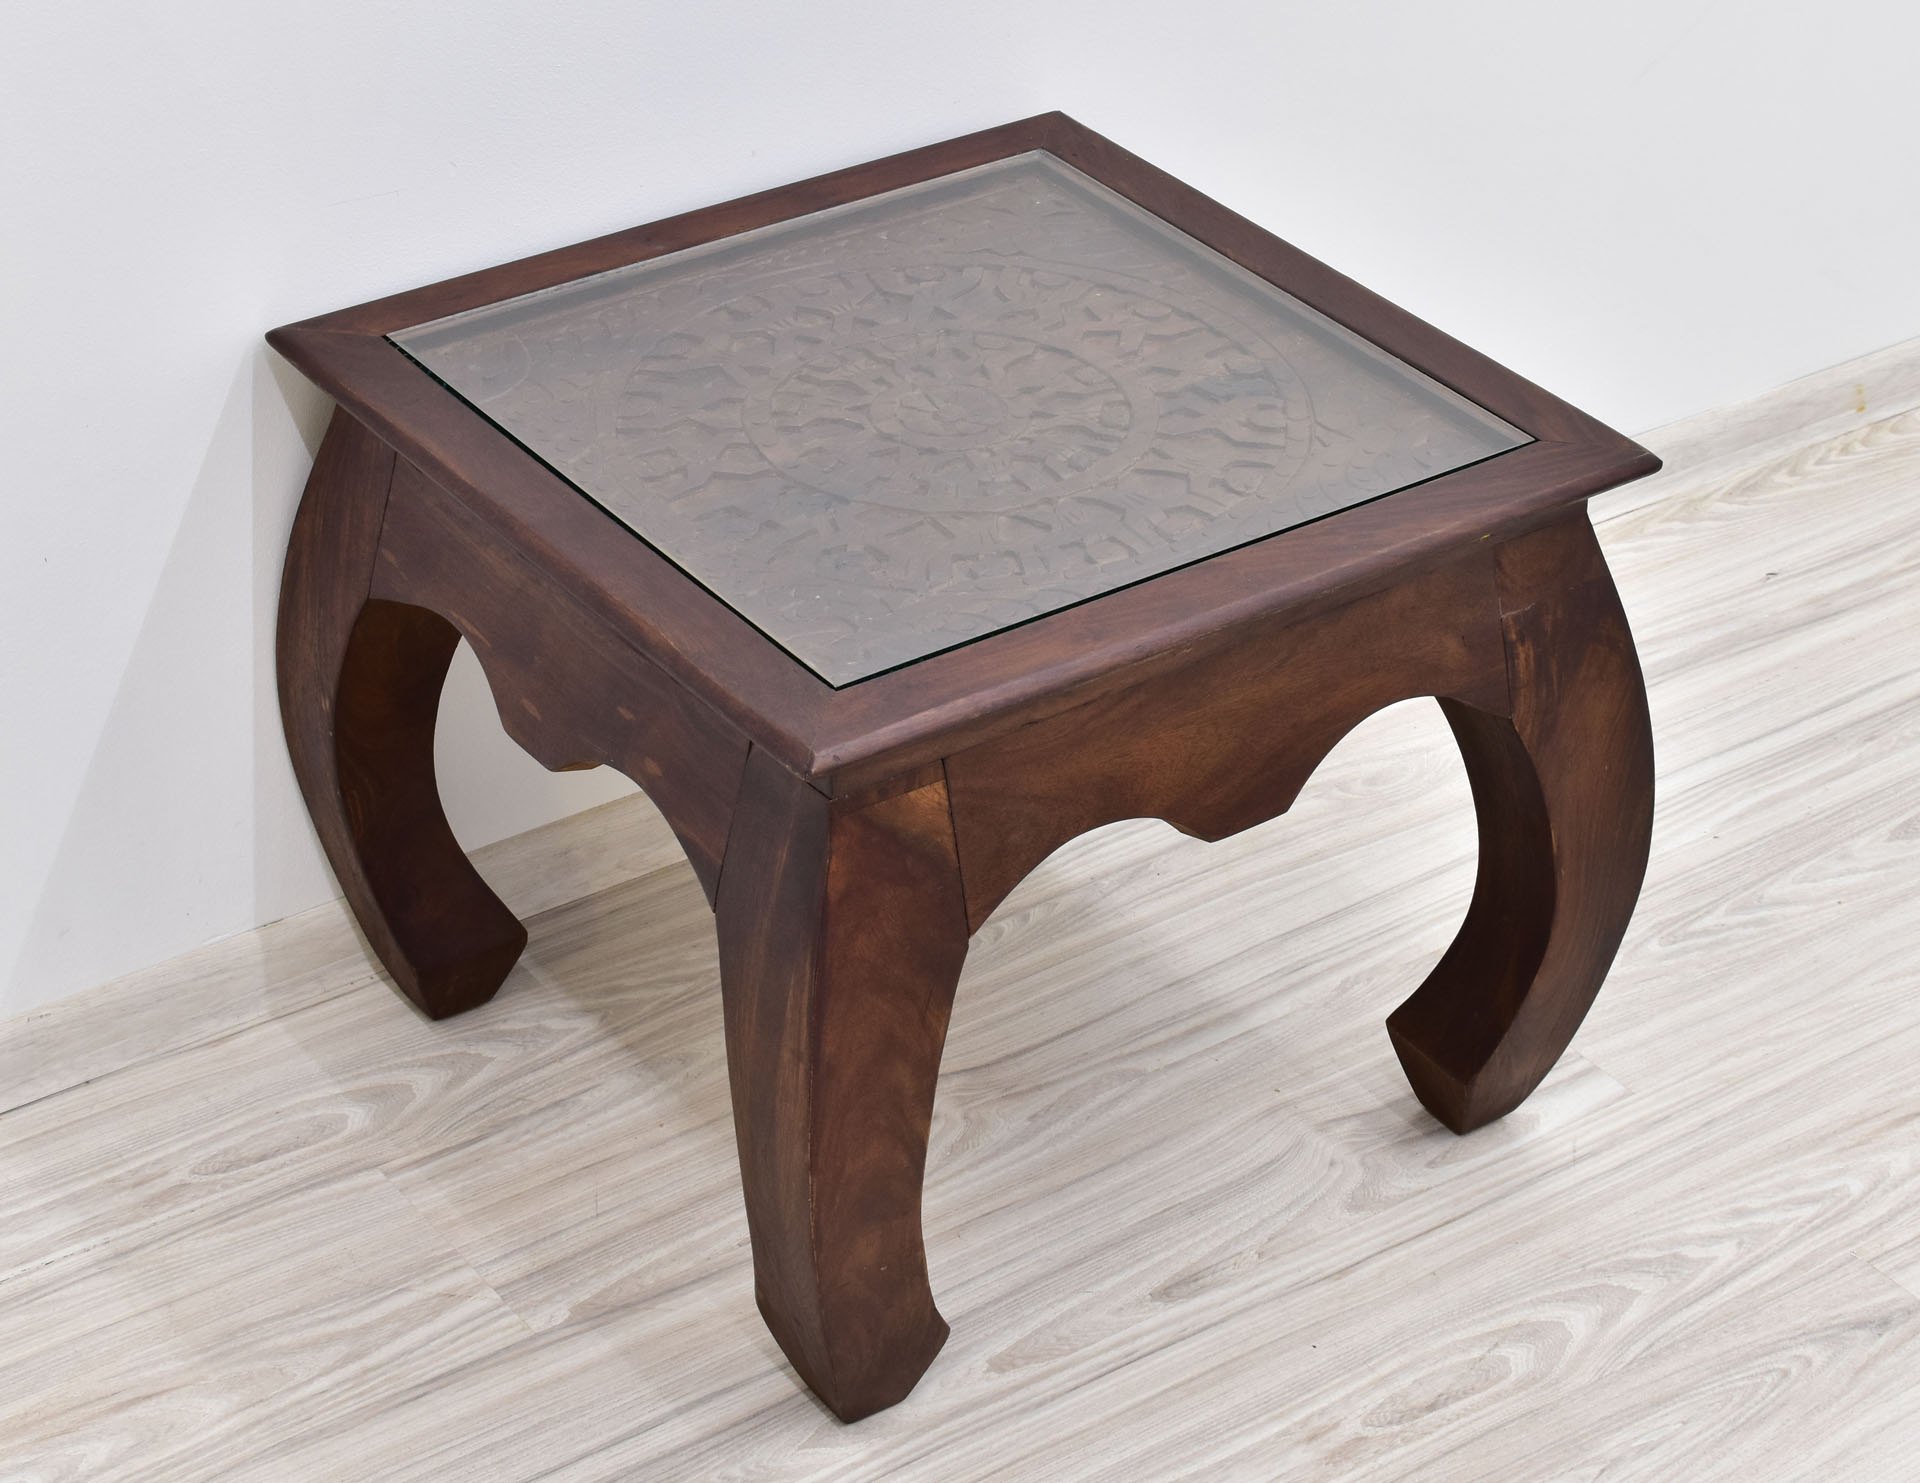 stolik indyjski rzezbiony z szyba kolonialny opium (3)